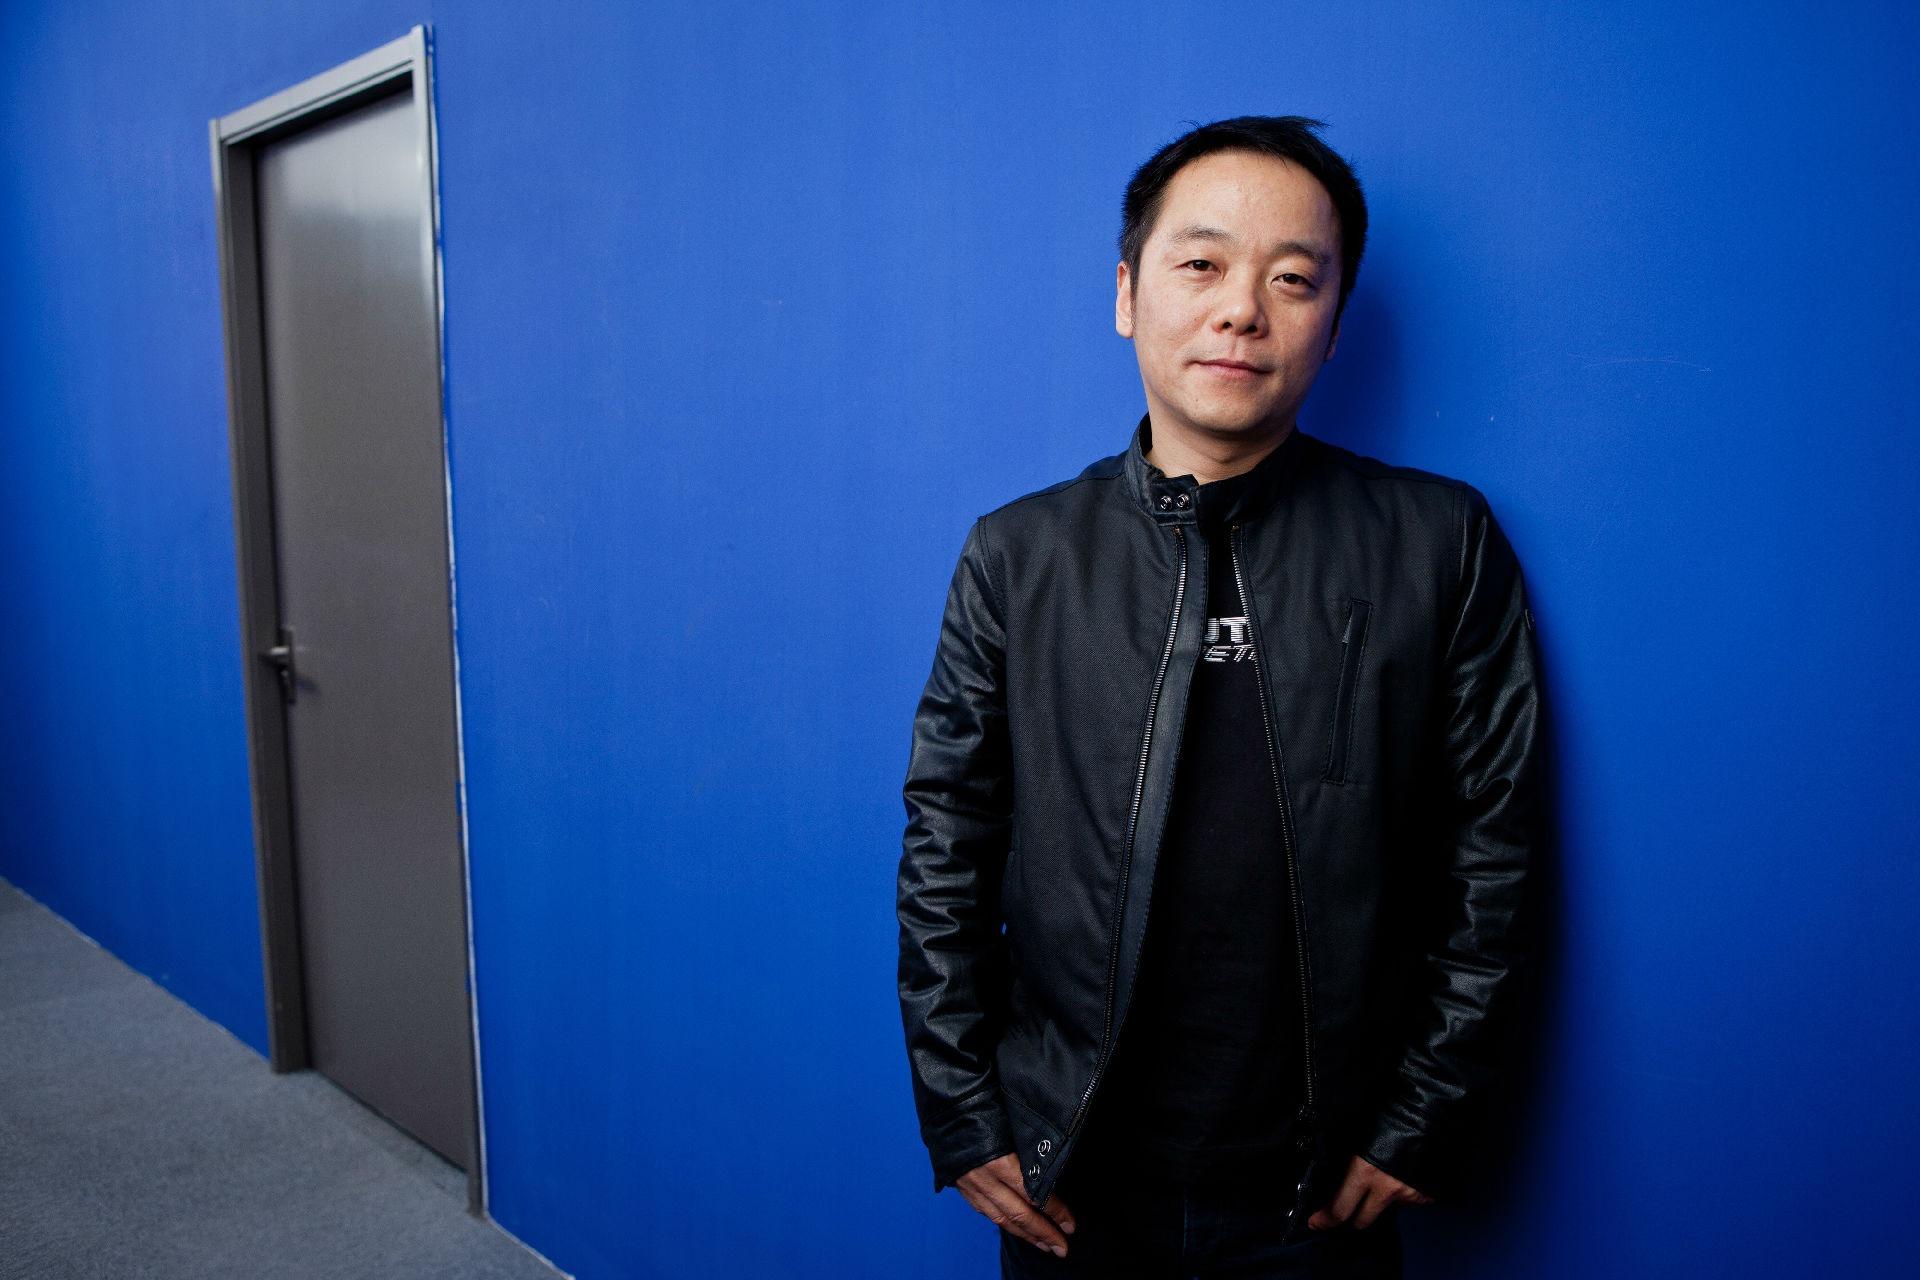 暴风集团法人冯鑫涉嫌行贿罪、职务侵占罪被批捕